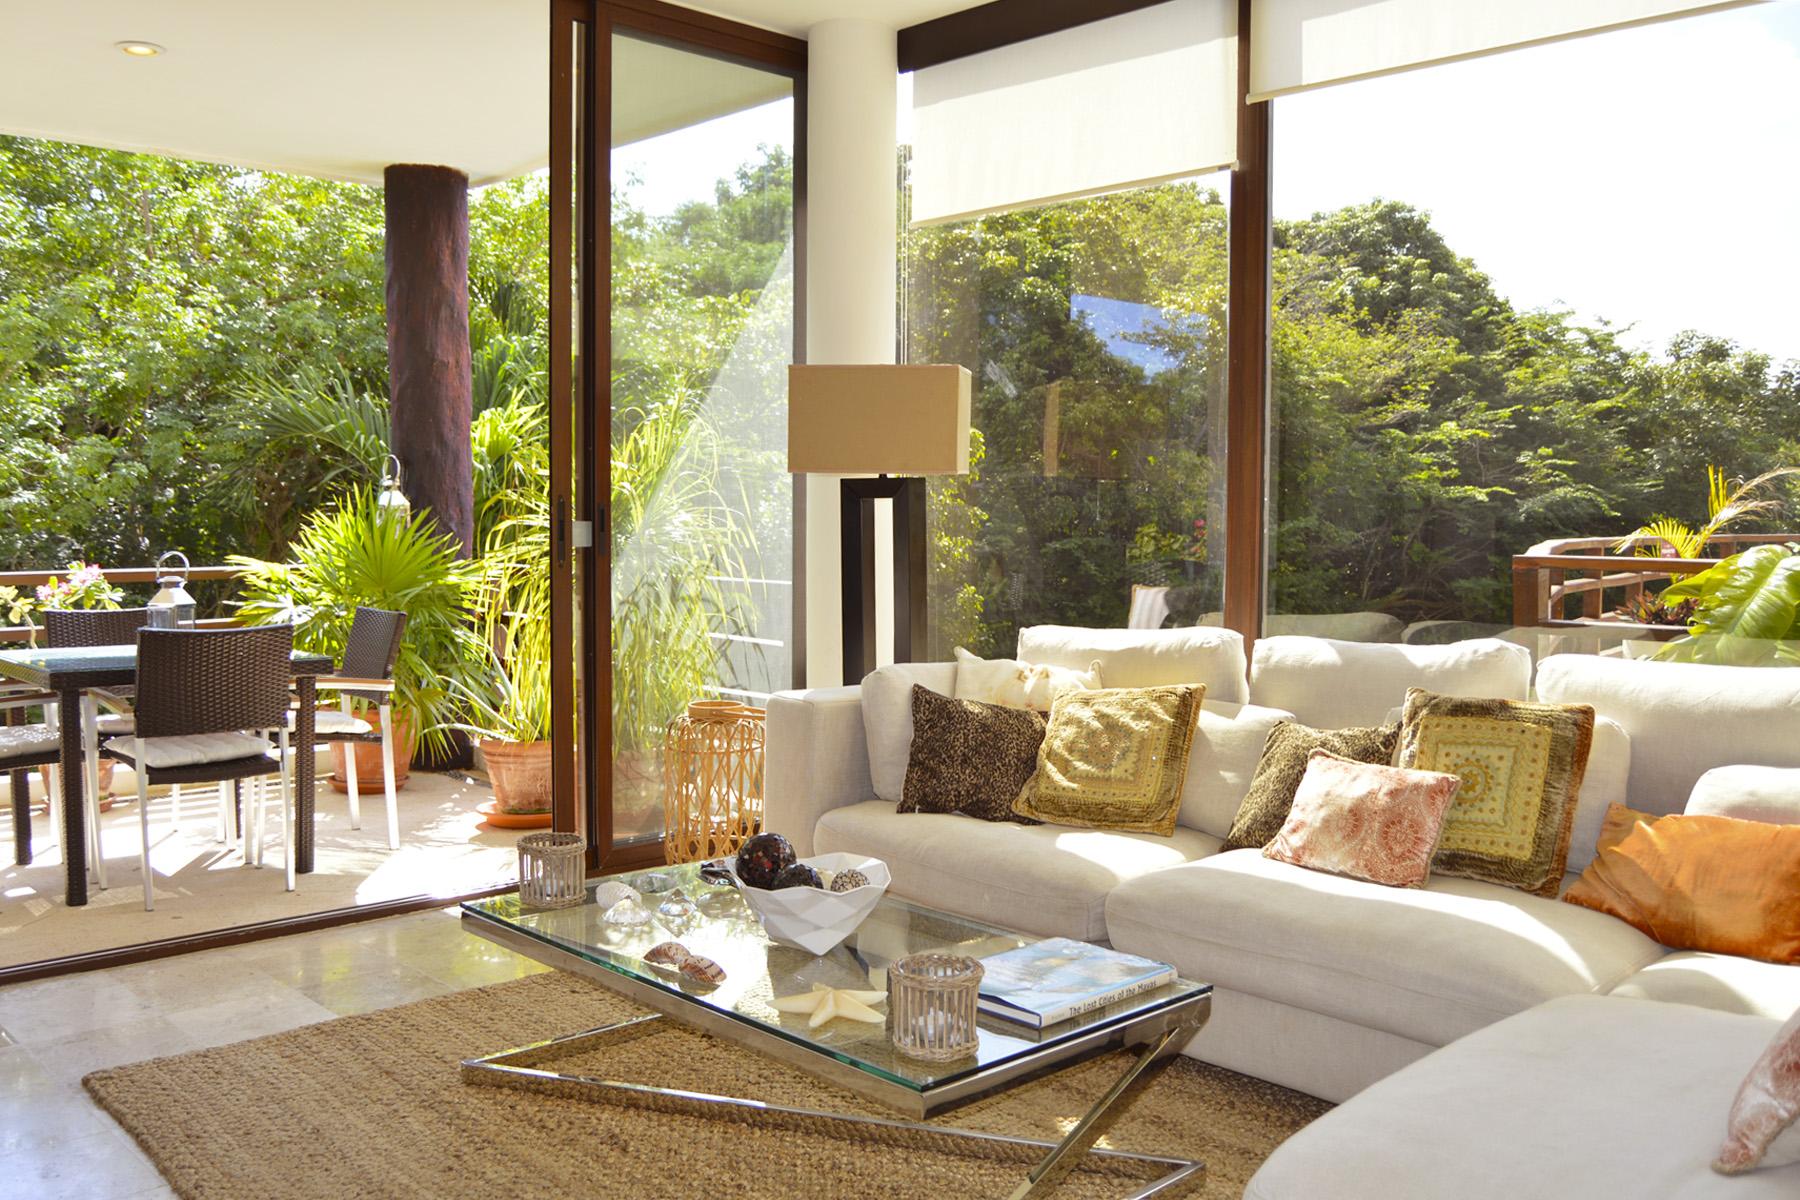 アパート のために 売買 アット AKOYA LUXURY CONDO Akoya, Villas Pakal Ret 3 Chichenitza Lot 19 Mza 16 Playa Del Carmen, Quintana Roo, 77710 メキシコ